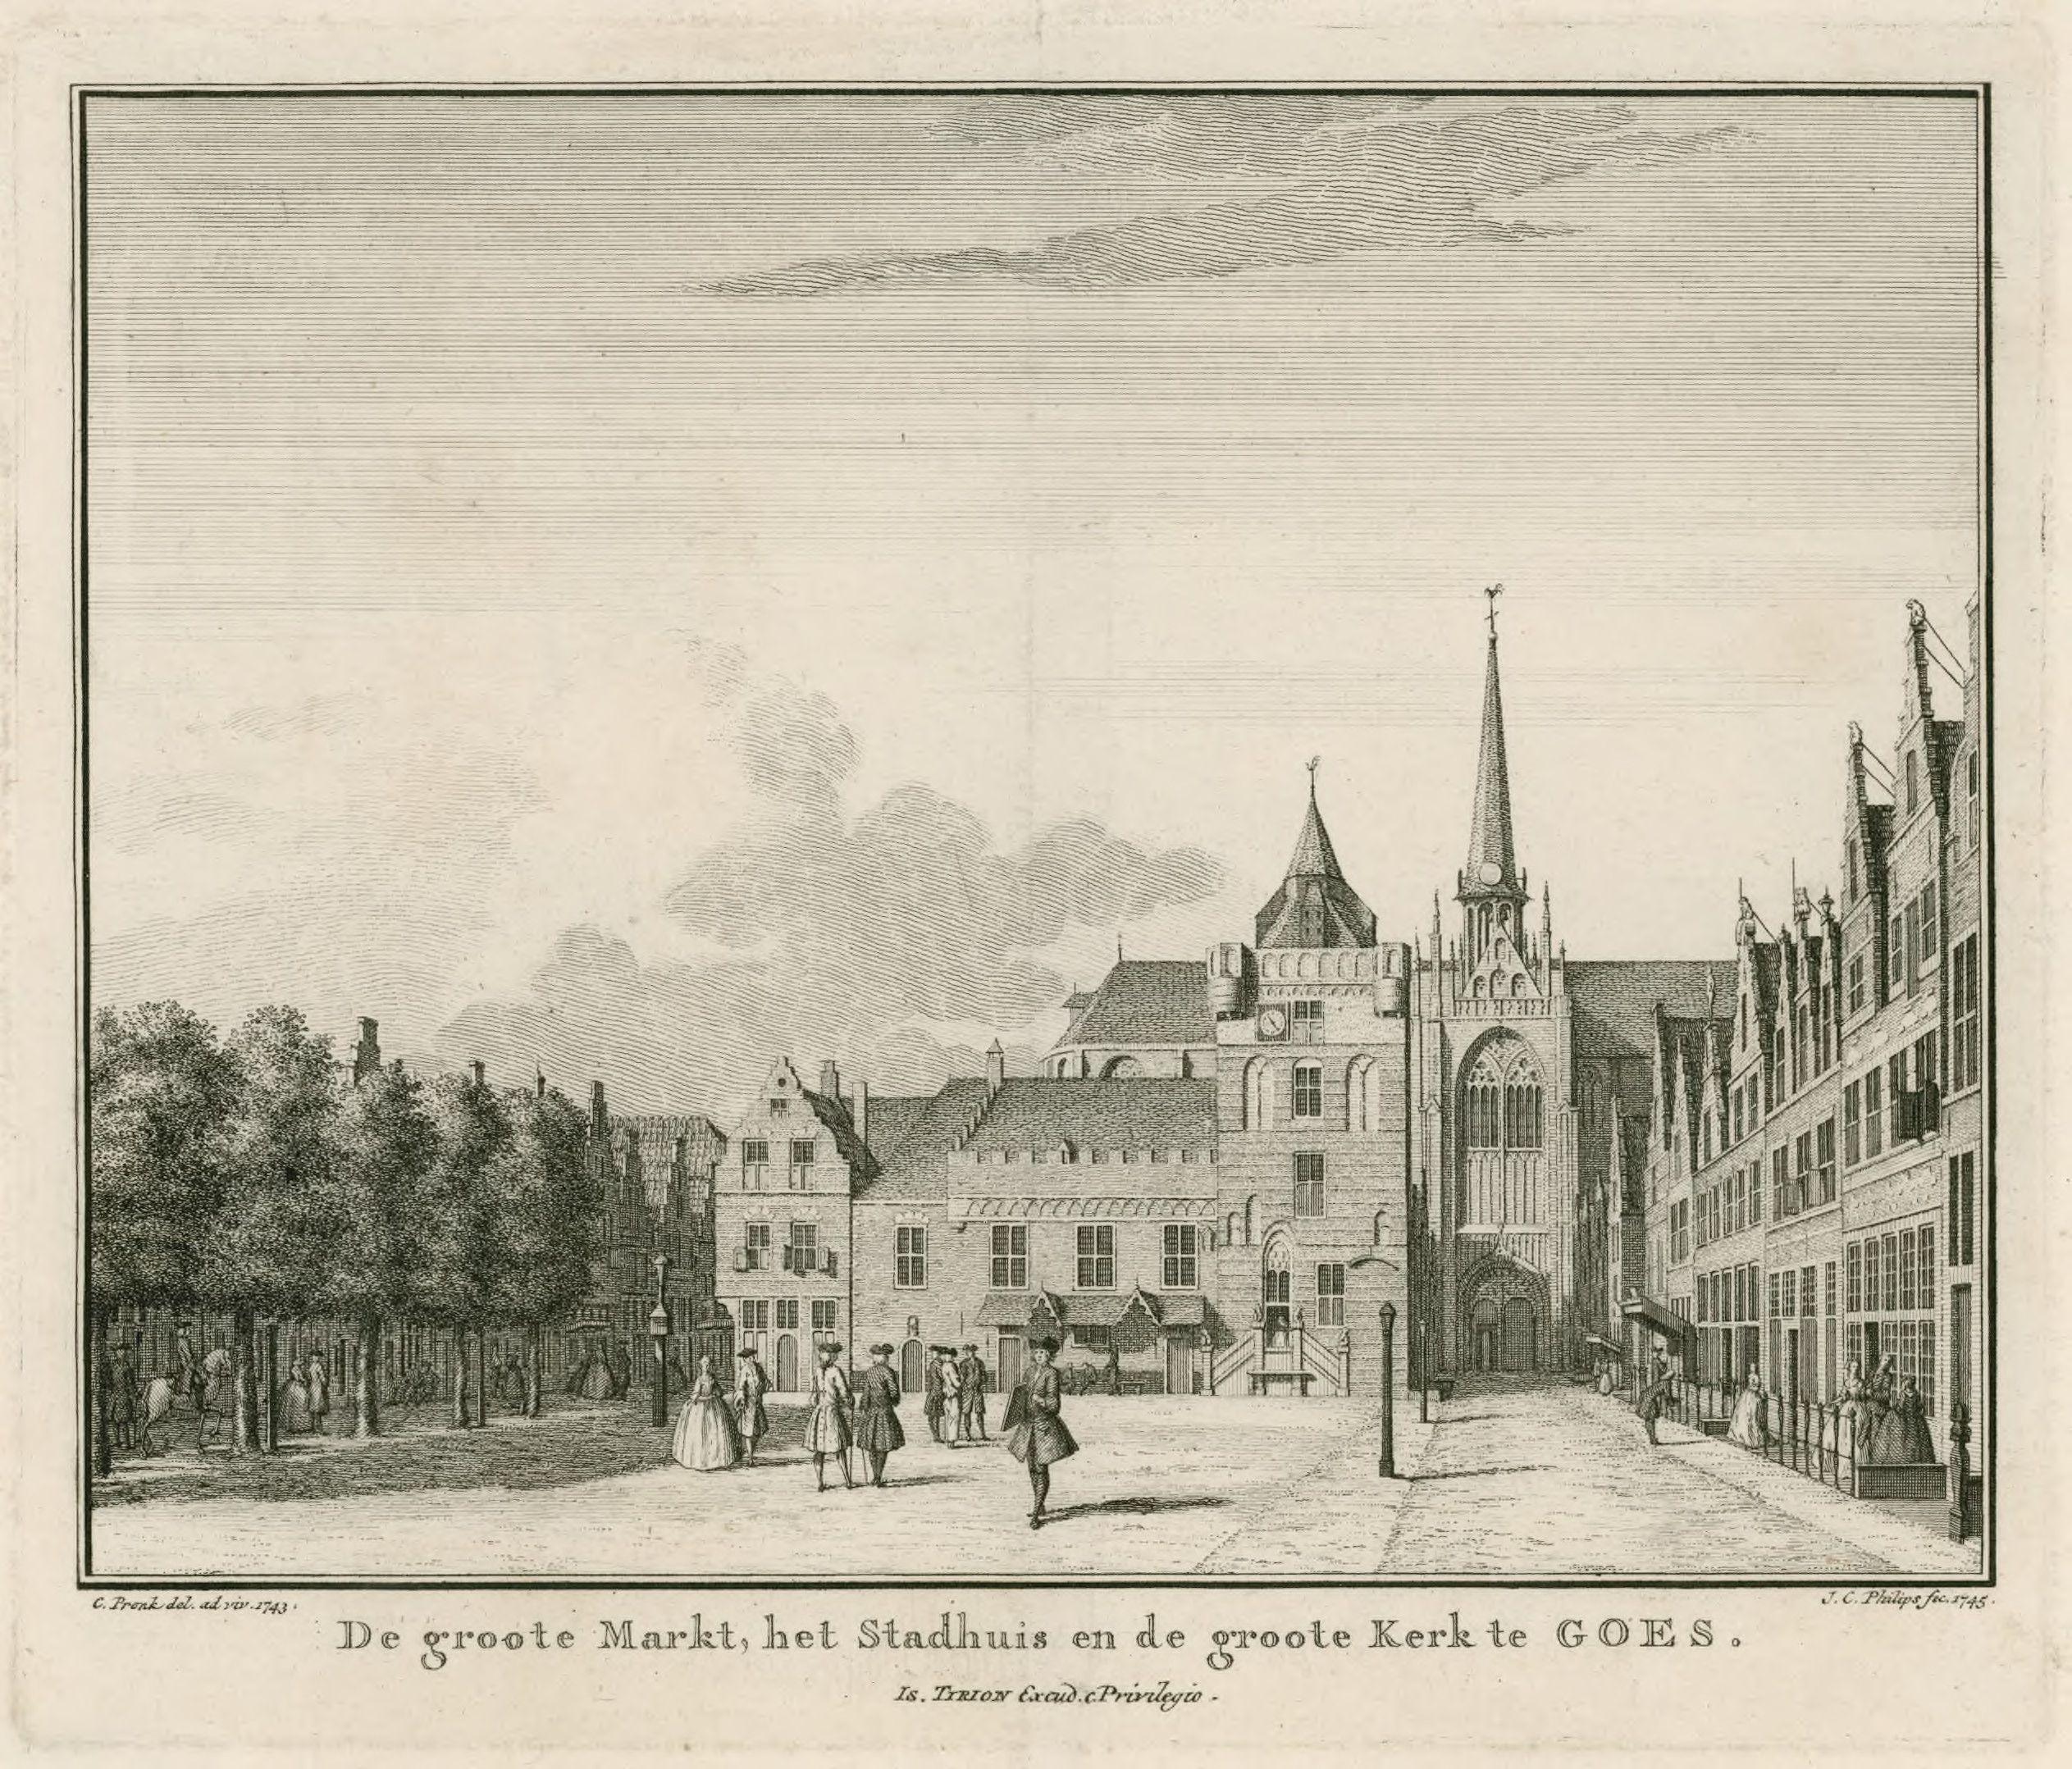 De Grote Markt met het Stadhuis in Goes. In het Stadhuis was de Weeskamer gevestigd. Ets door Jan Caspar Philips naar een tekening van Cornelis Pronk, 1745. (Rijksmuseum)